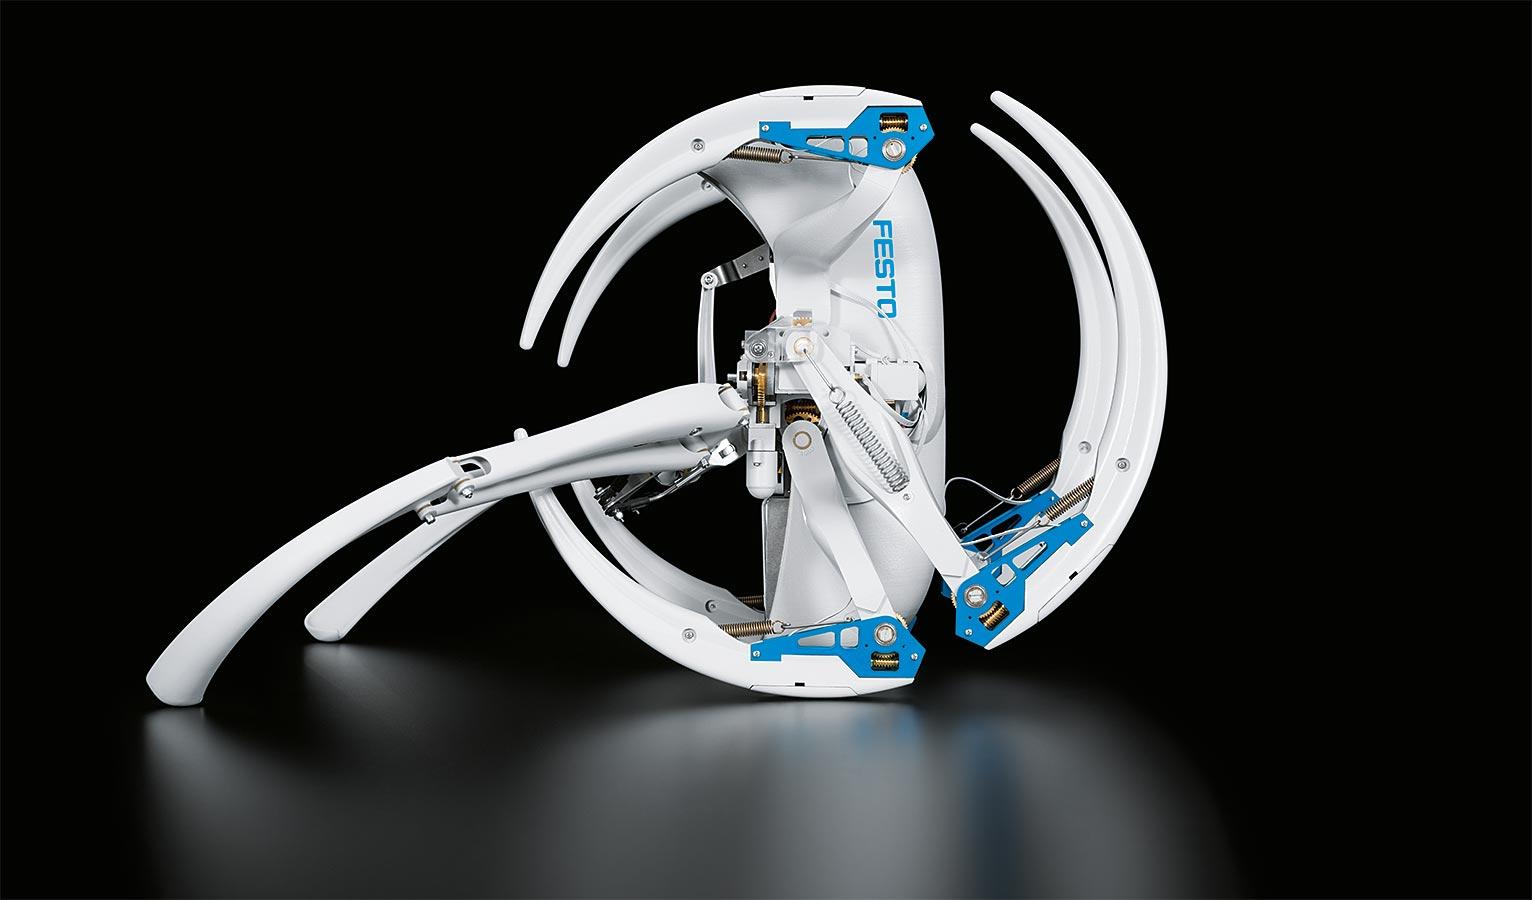 仿生科技成为机器人技术发展最快的领域之一